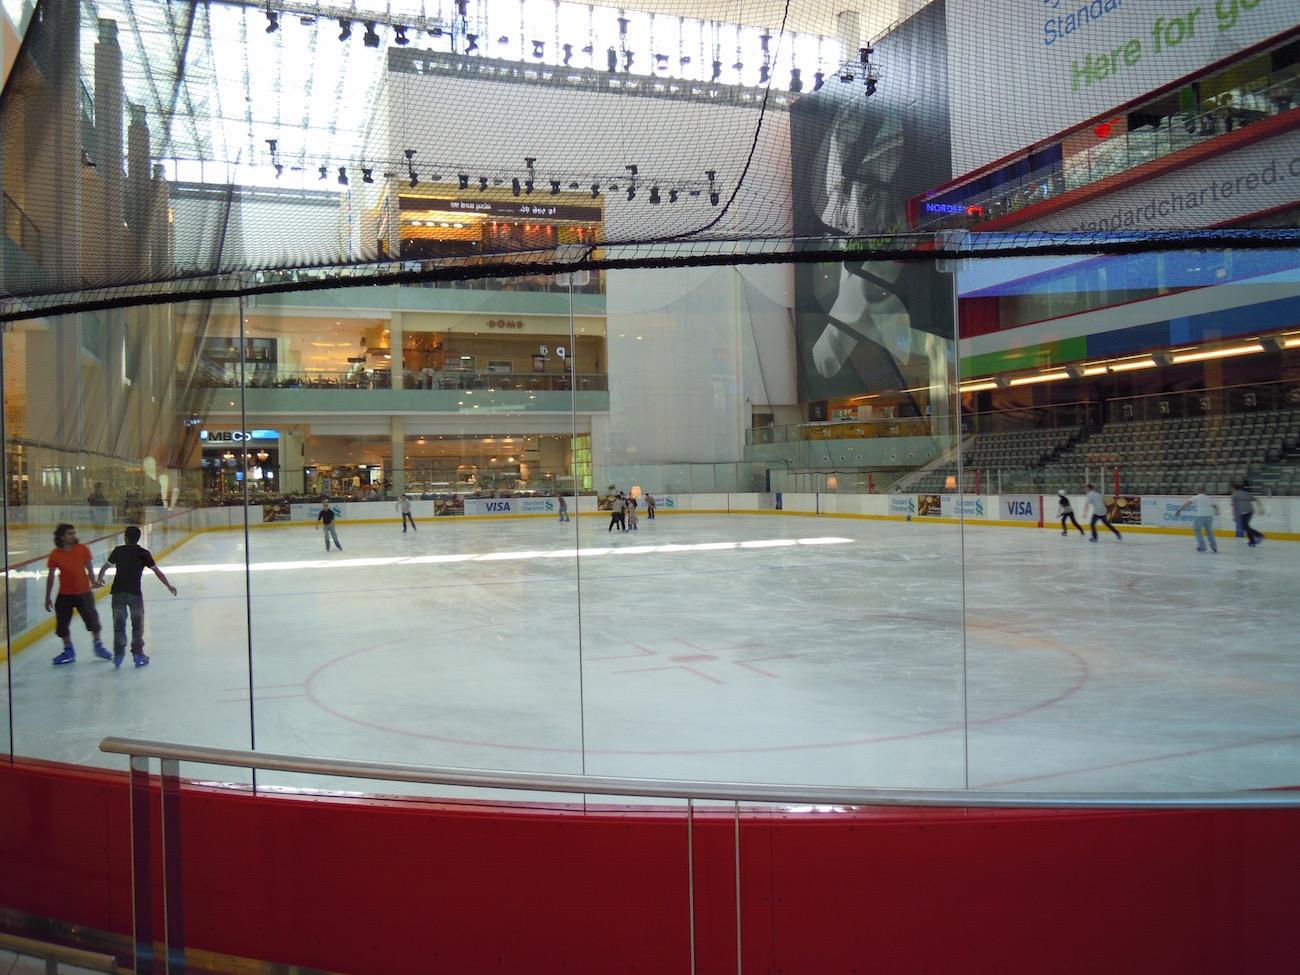 Wer Lust zum Eislaufen in der Wüste hat, kann dies in der Dubai Mall gerne tun